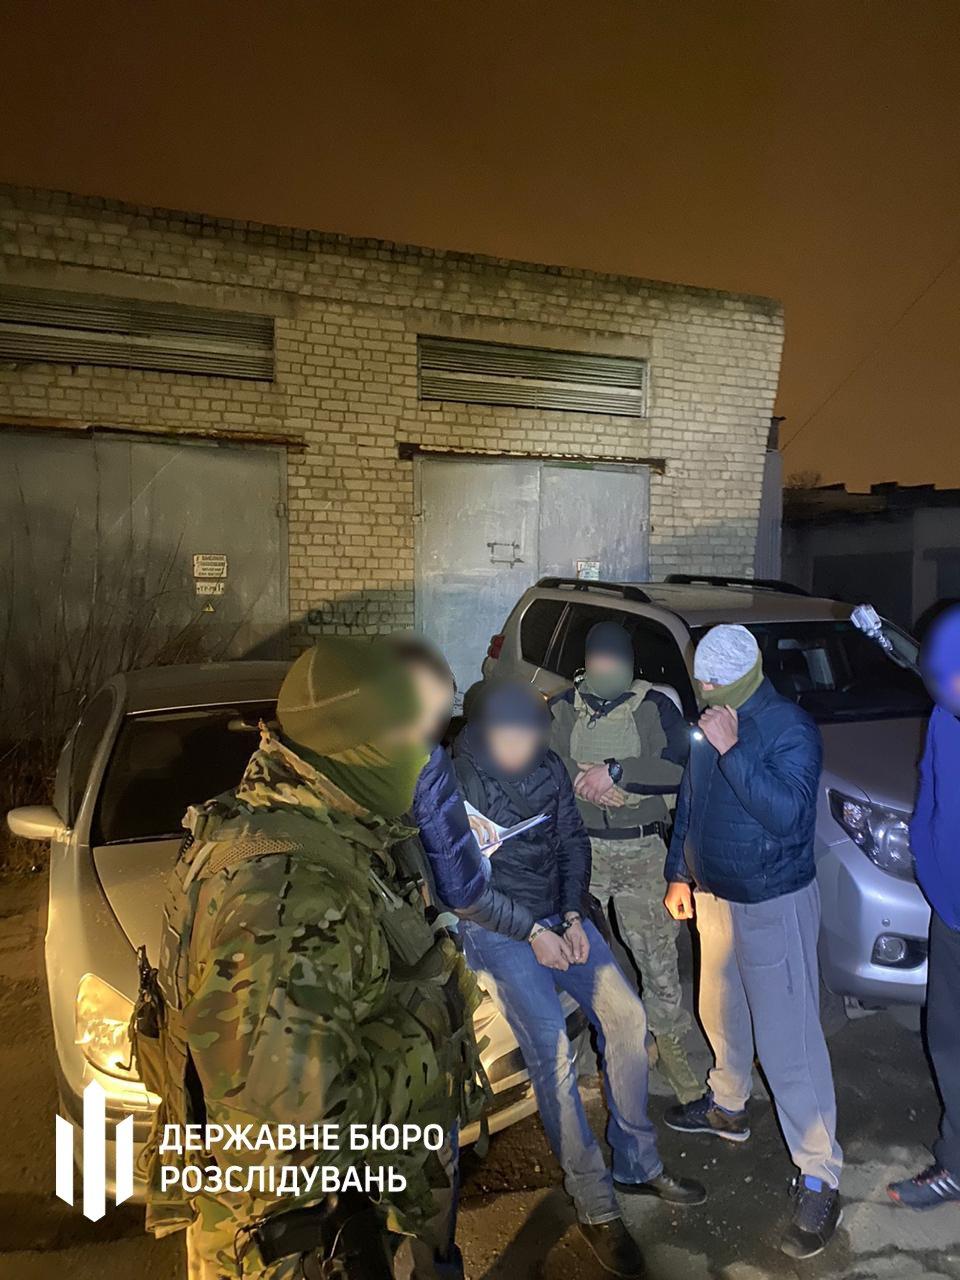 «Сливал» секретную информацию России: в Украине задержан топ-чиновник полиции